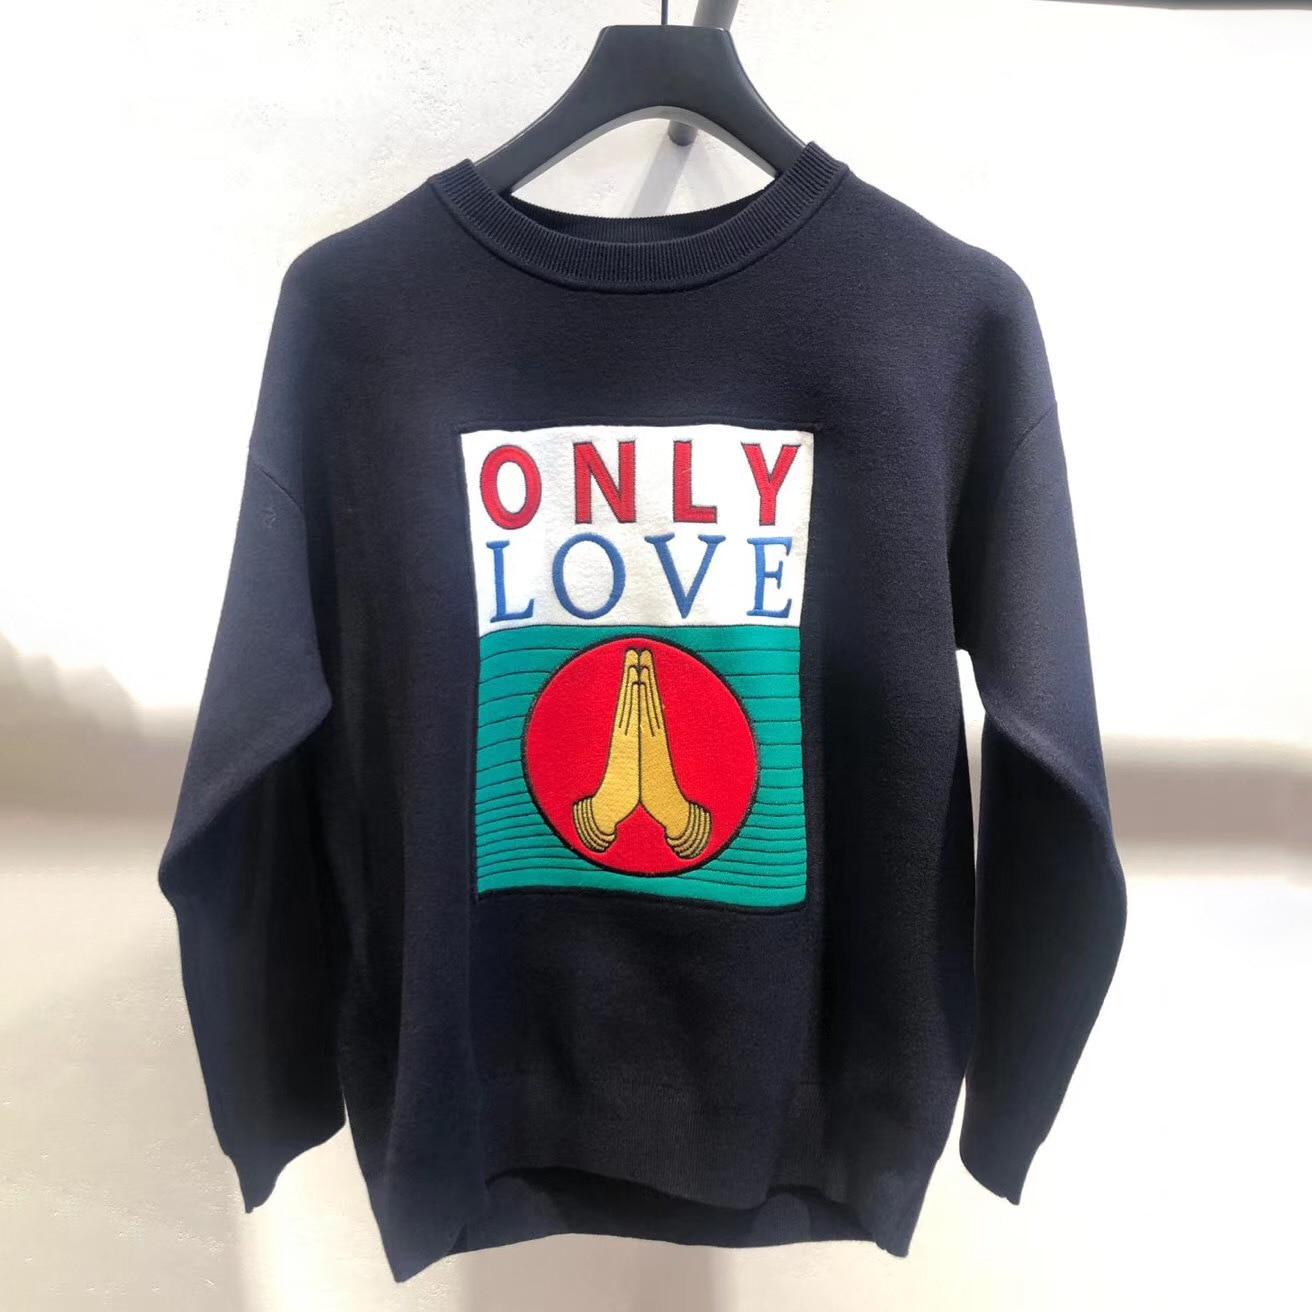 Женский свитер, весна-лето 2020, повседневный Свободный пуловер с круглым вырезом и надписью, Женский вязаный свитер